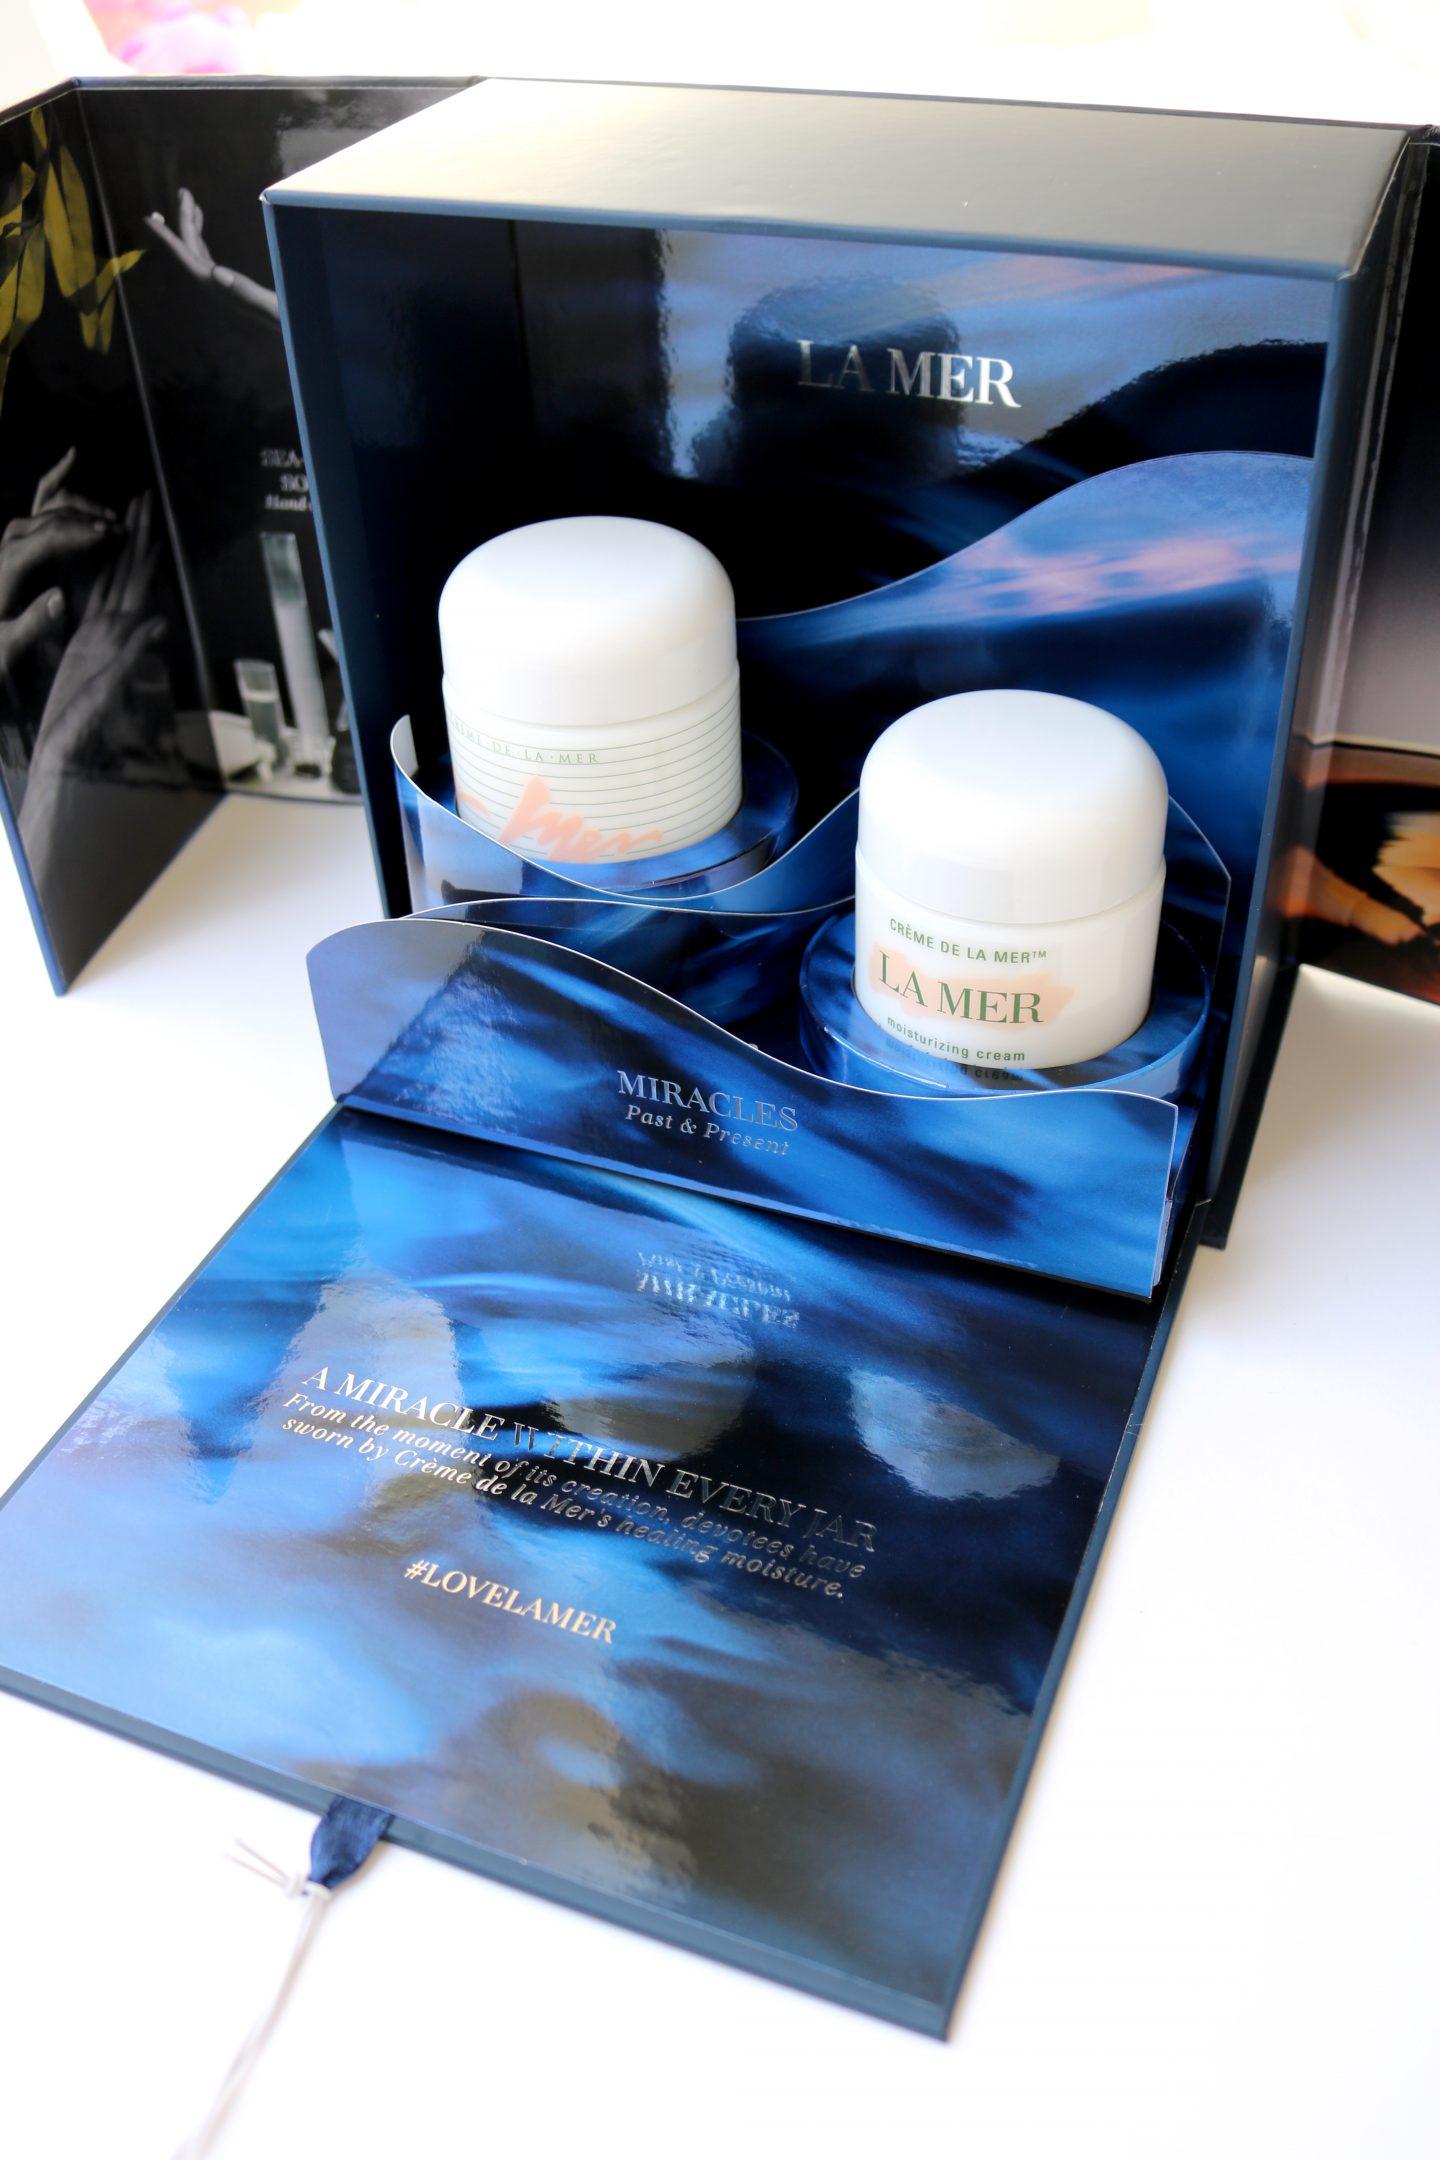 creme-de-la-mer-moisturizing-cream-miracles-past-present-review_5527